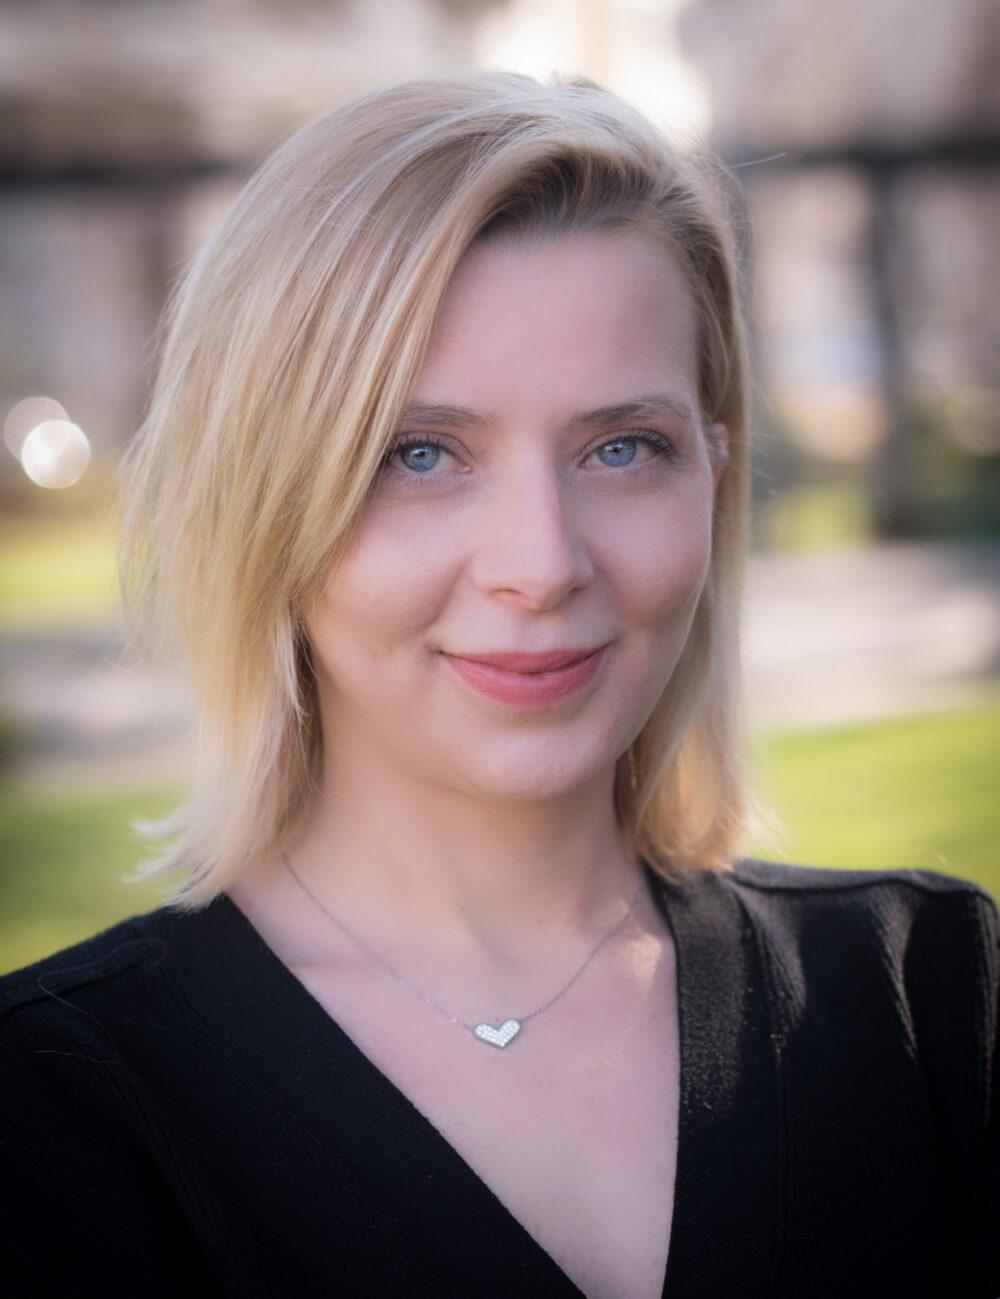 Être une femme politique: Laura Ferrari une candidate pétillante et solidaire.